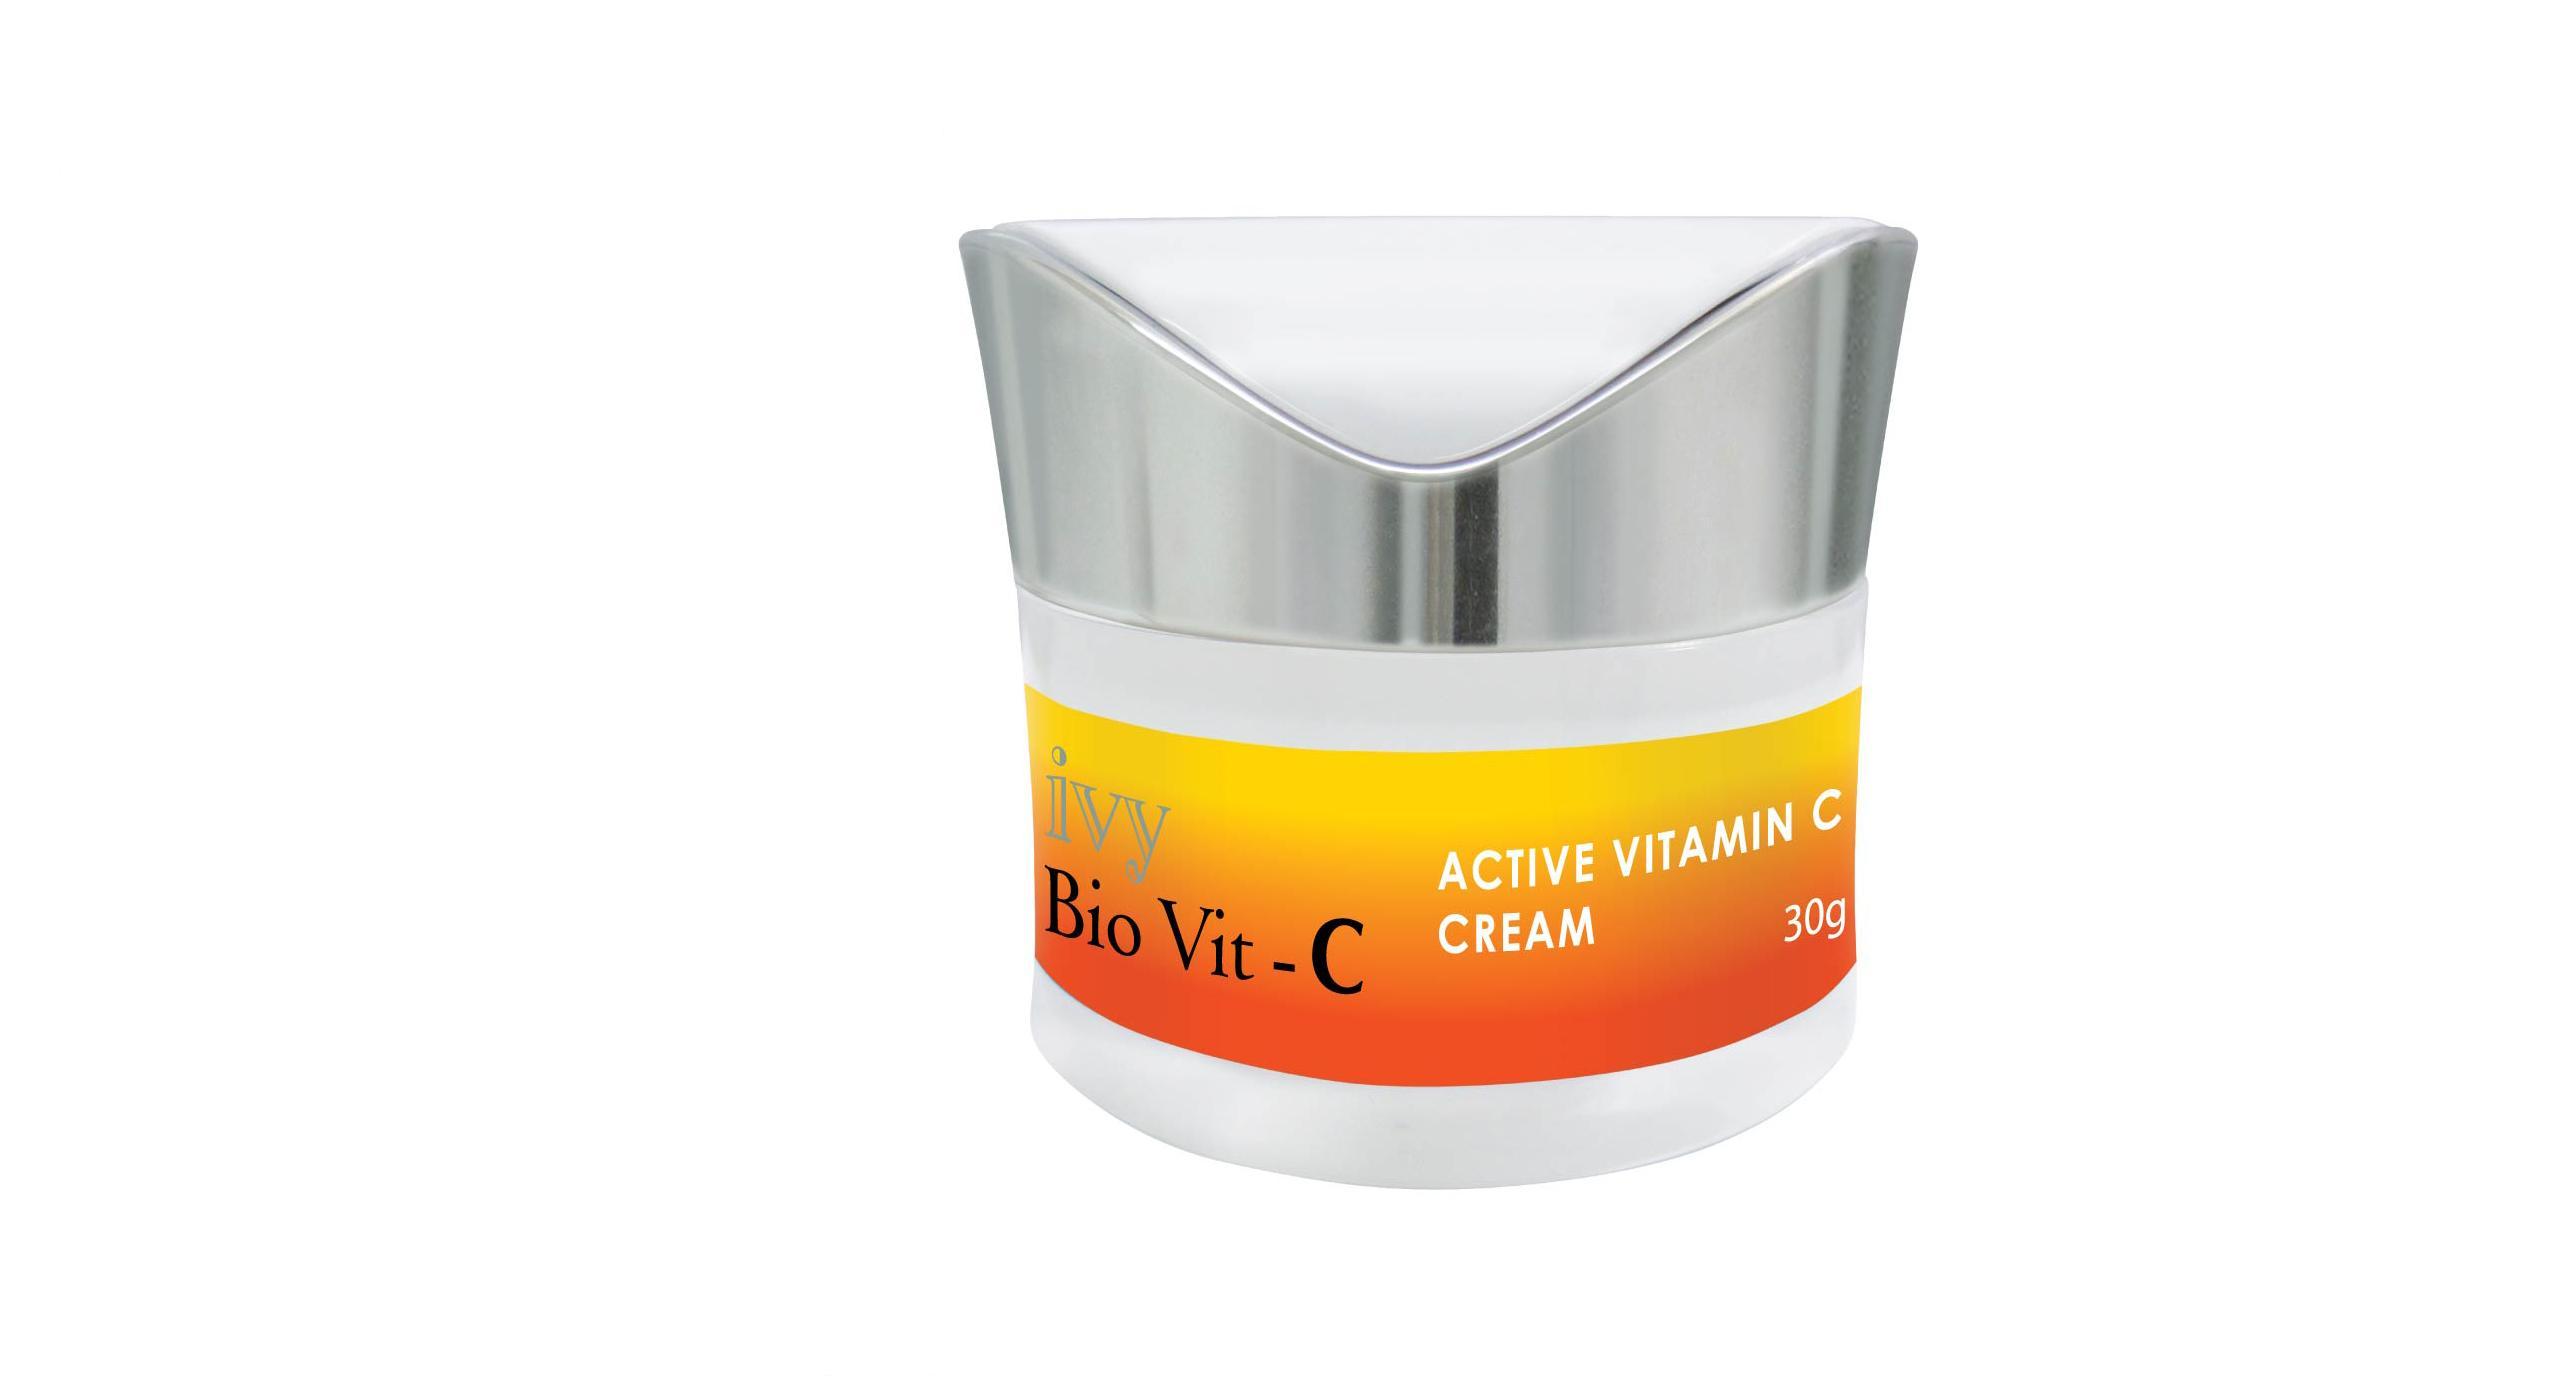 Ivy Bio Vit-C Active Vitamin C Cream (30gm)